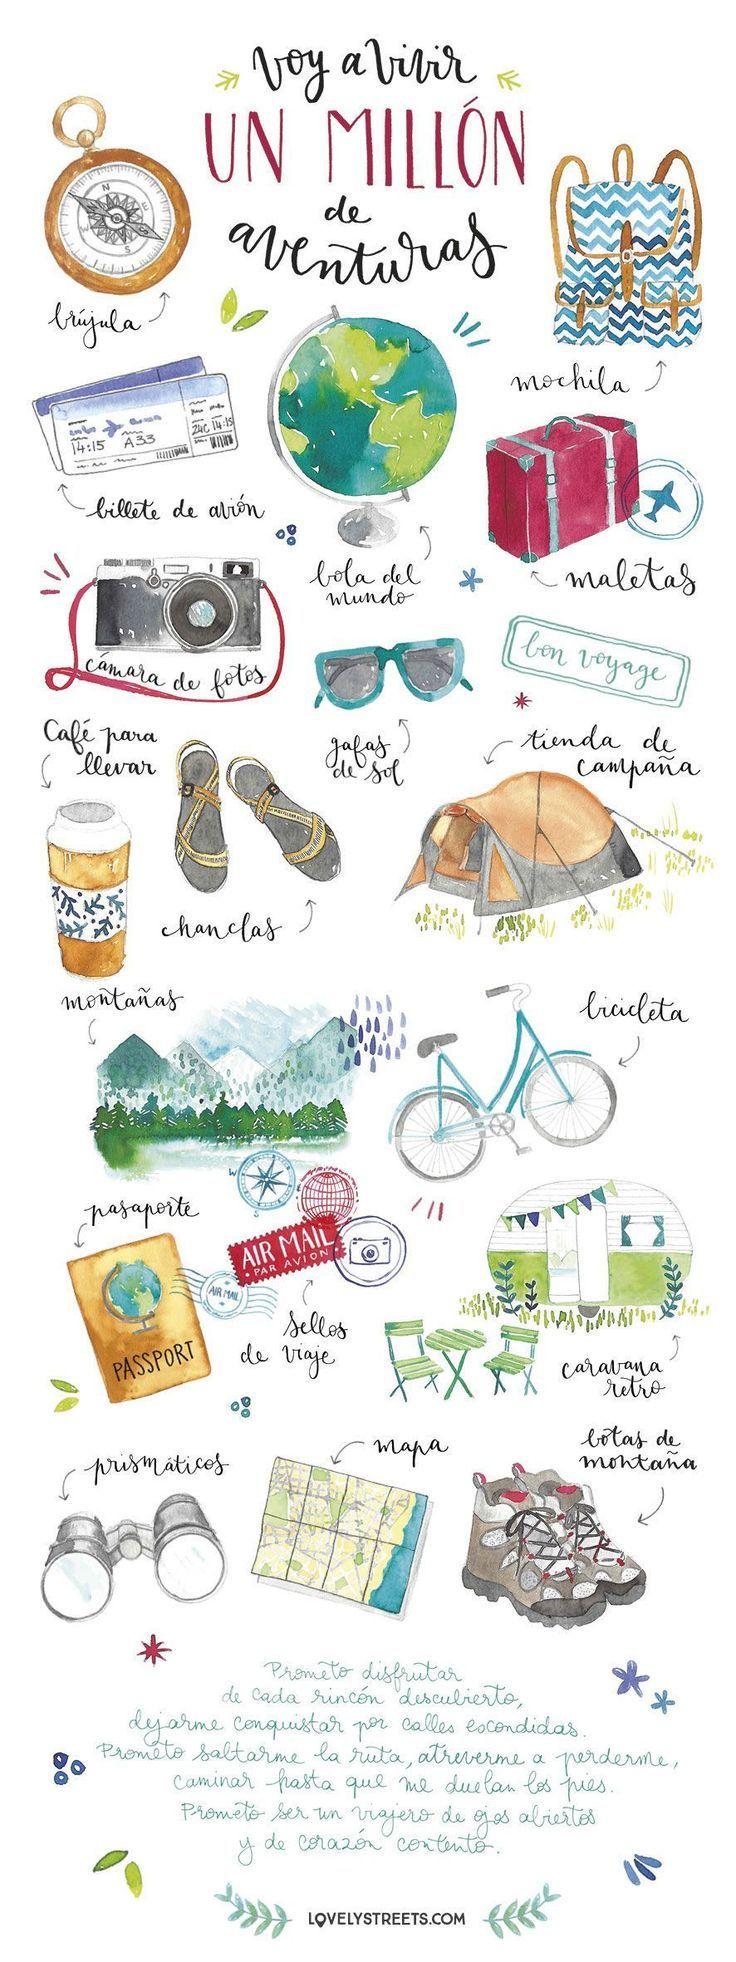 Acuarela de viajes, voy a vivir un millón de aventuras #Viajes #Viajar #Turimos…